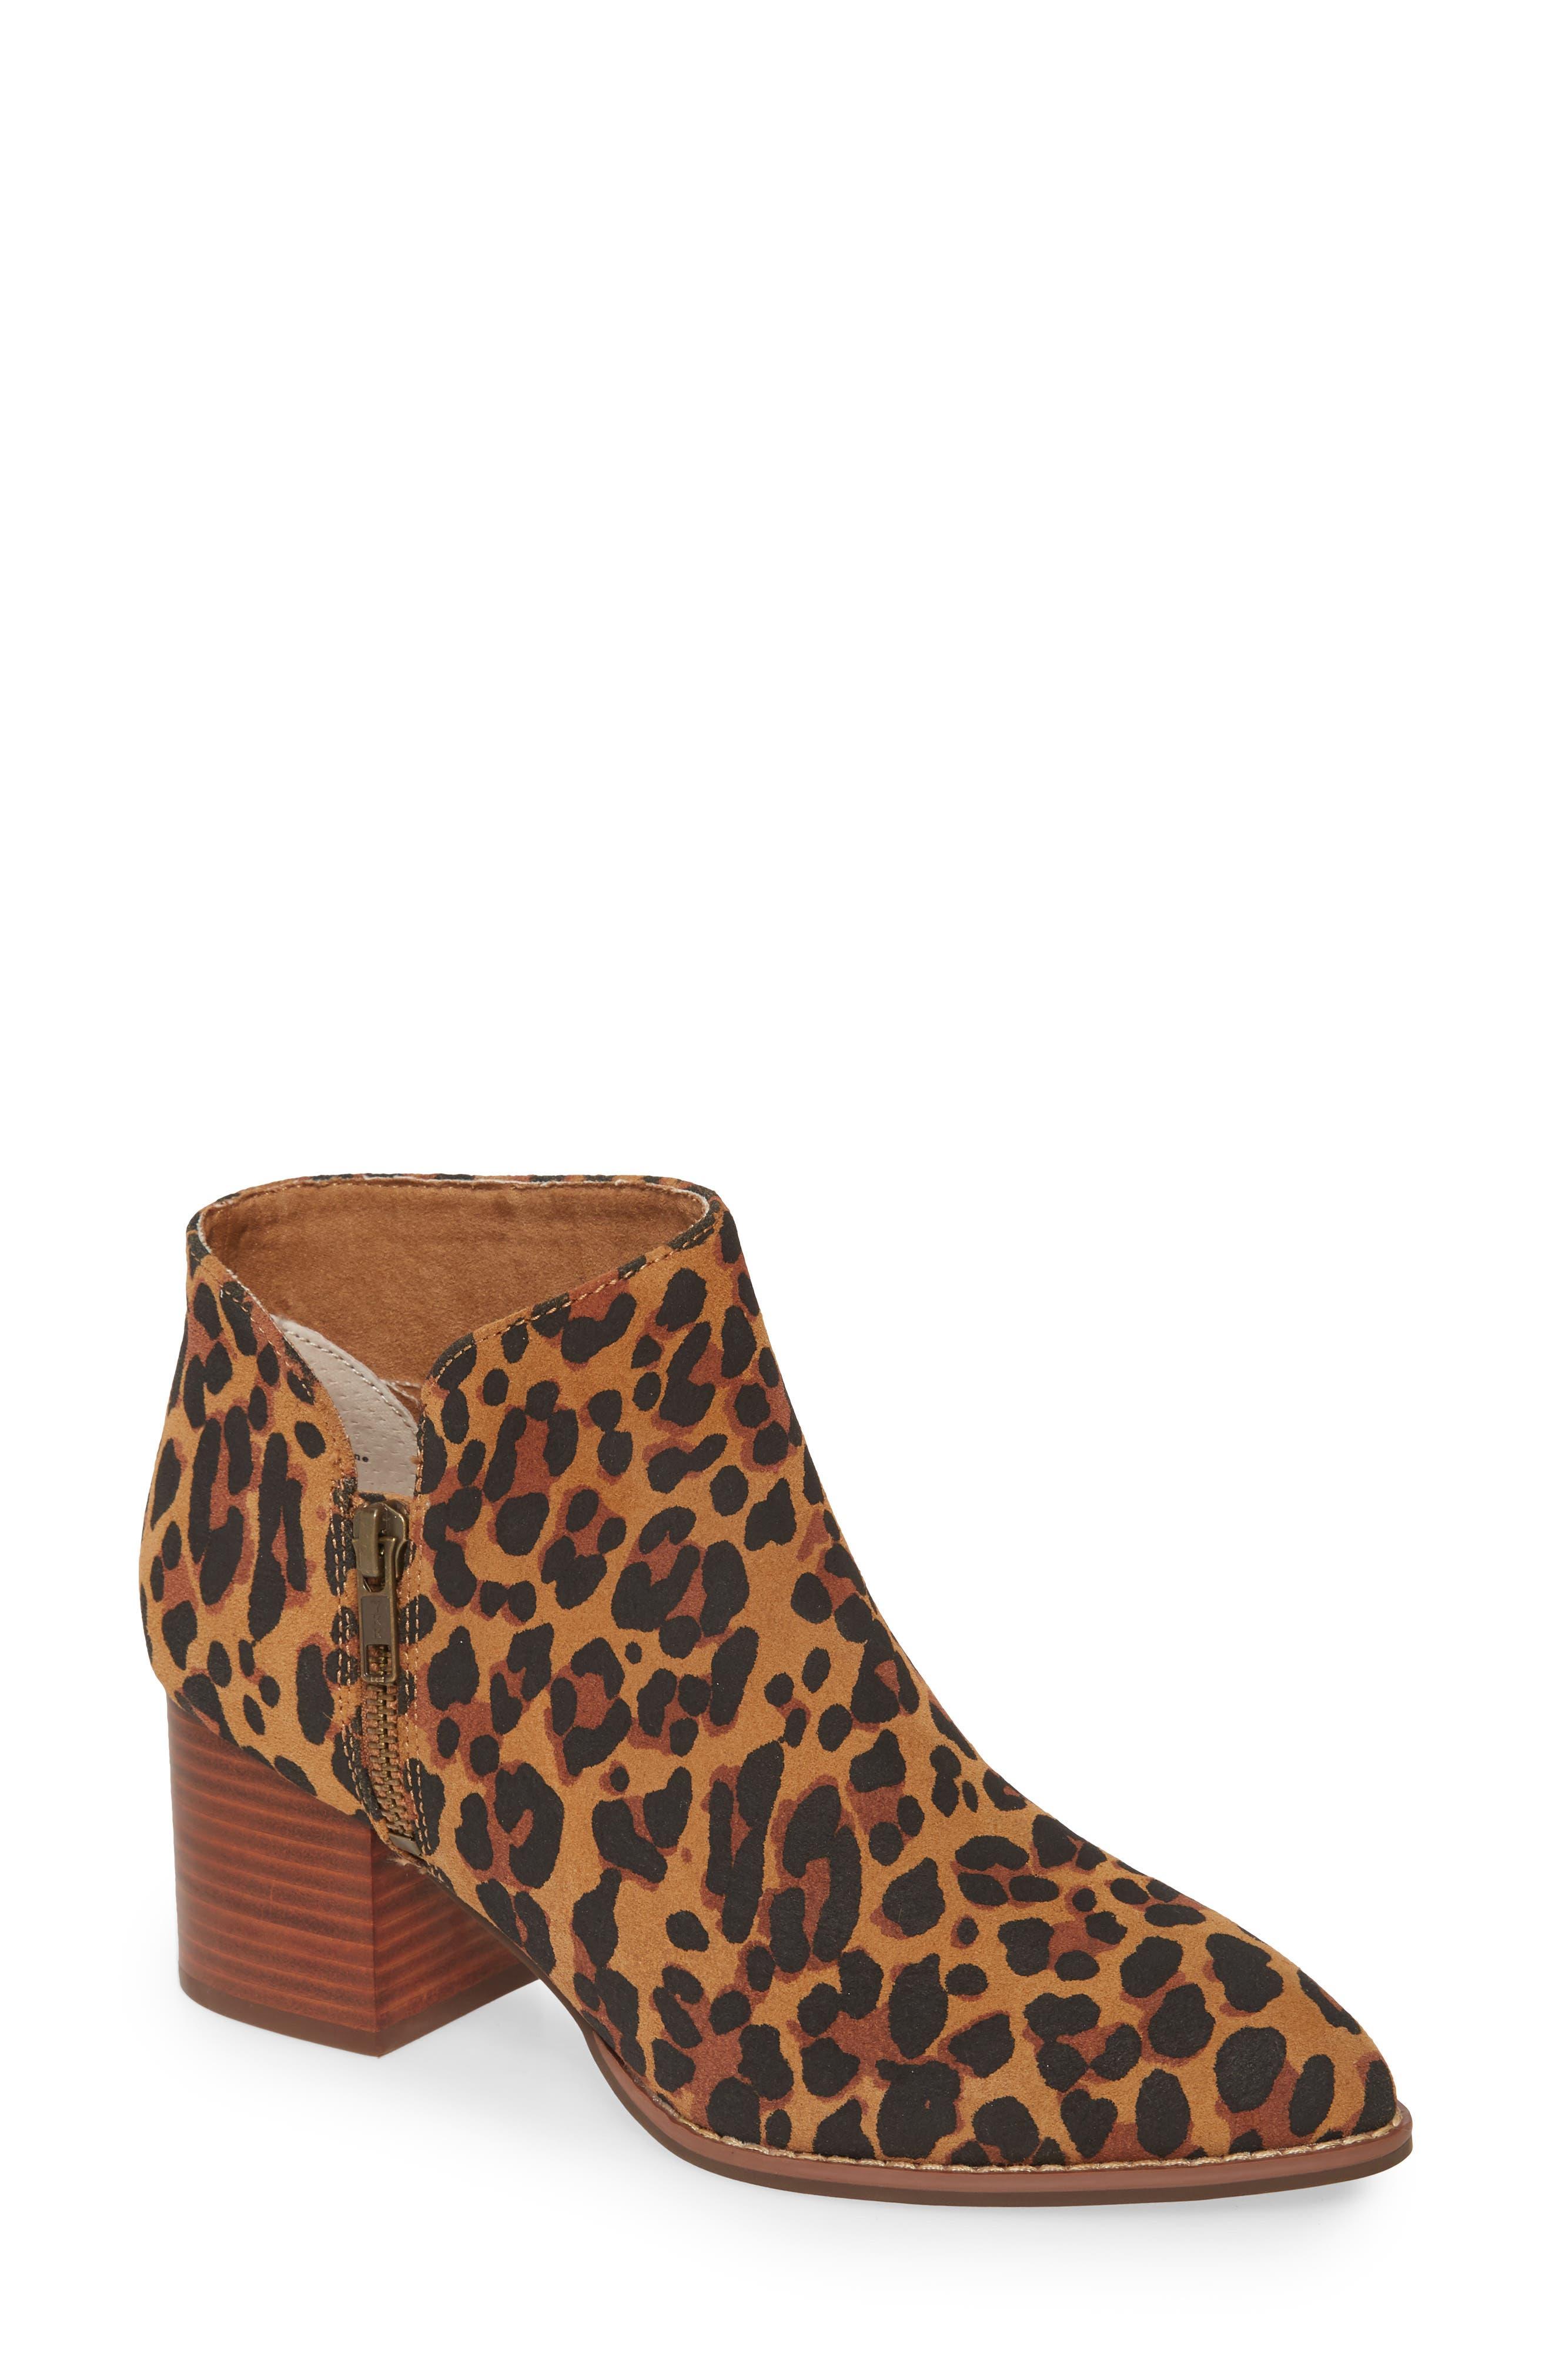 leopard print booties nordstrom